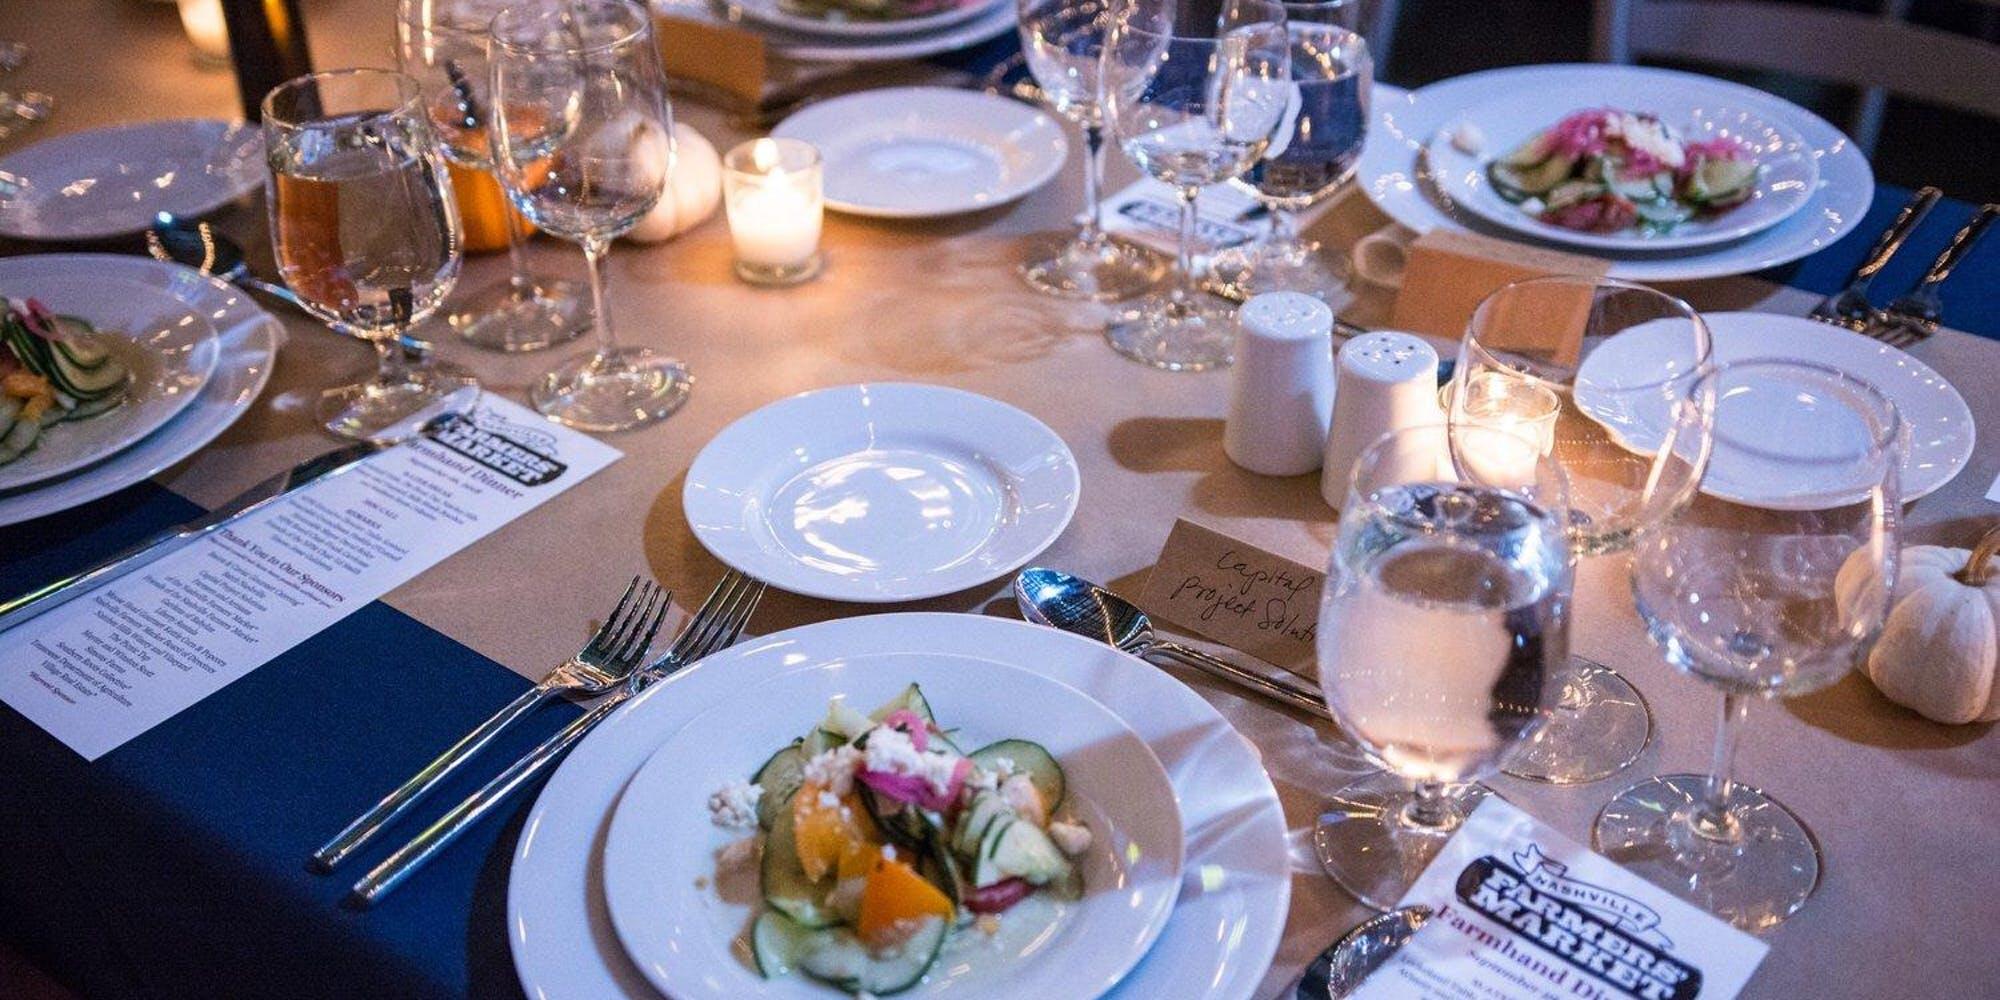 7th Annual Farmhand Dinner